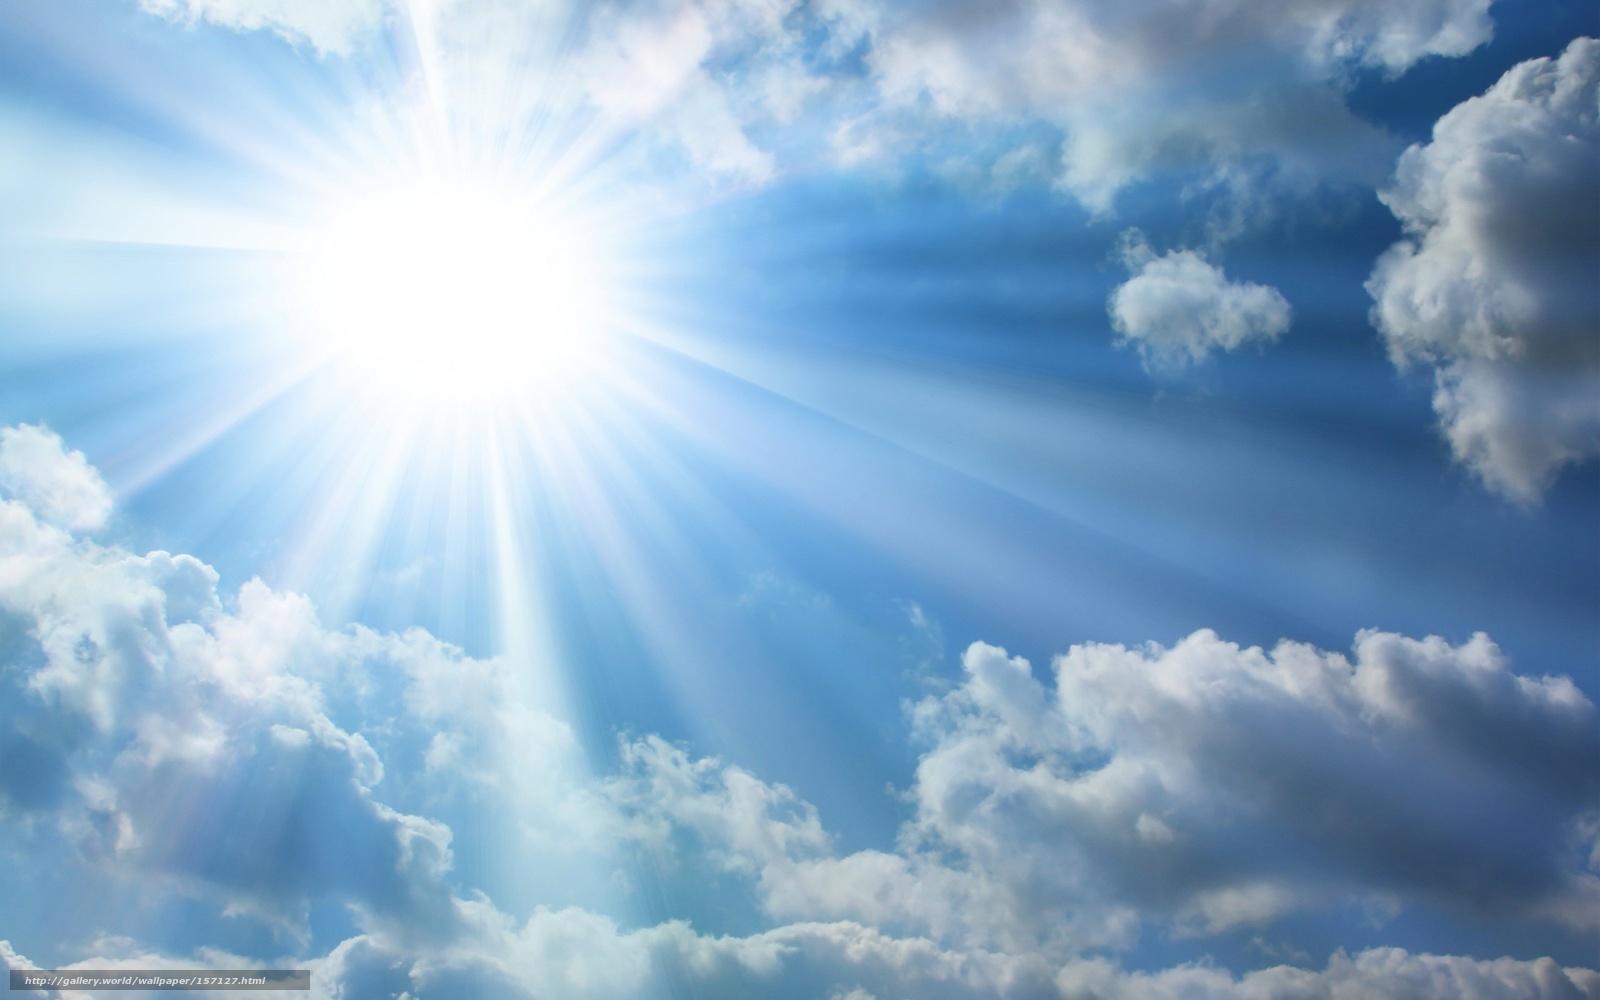 Hq cielo, sol, nubes, rayos, 2560x1600 imagen / misceláneo